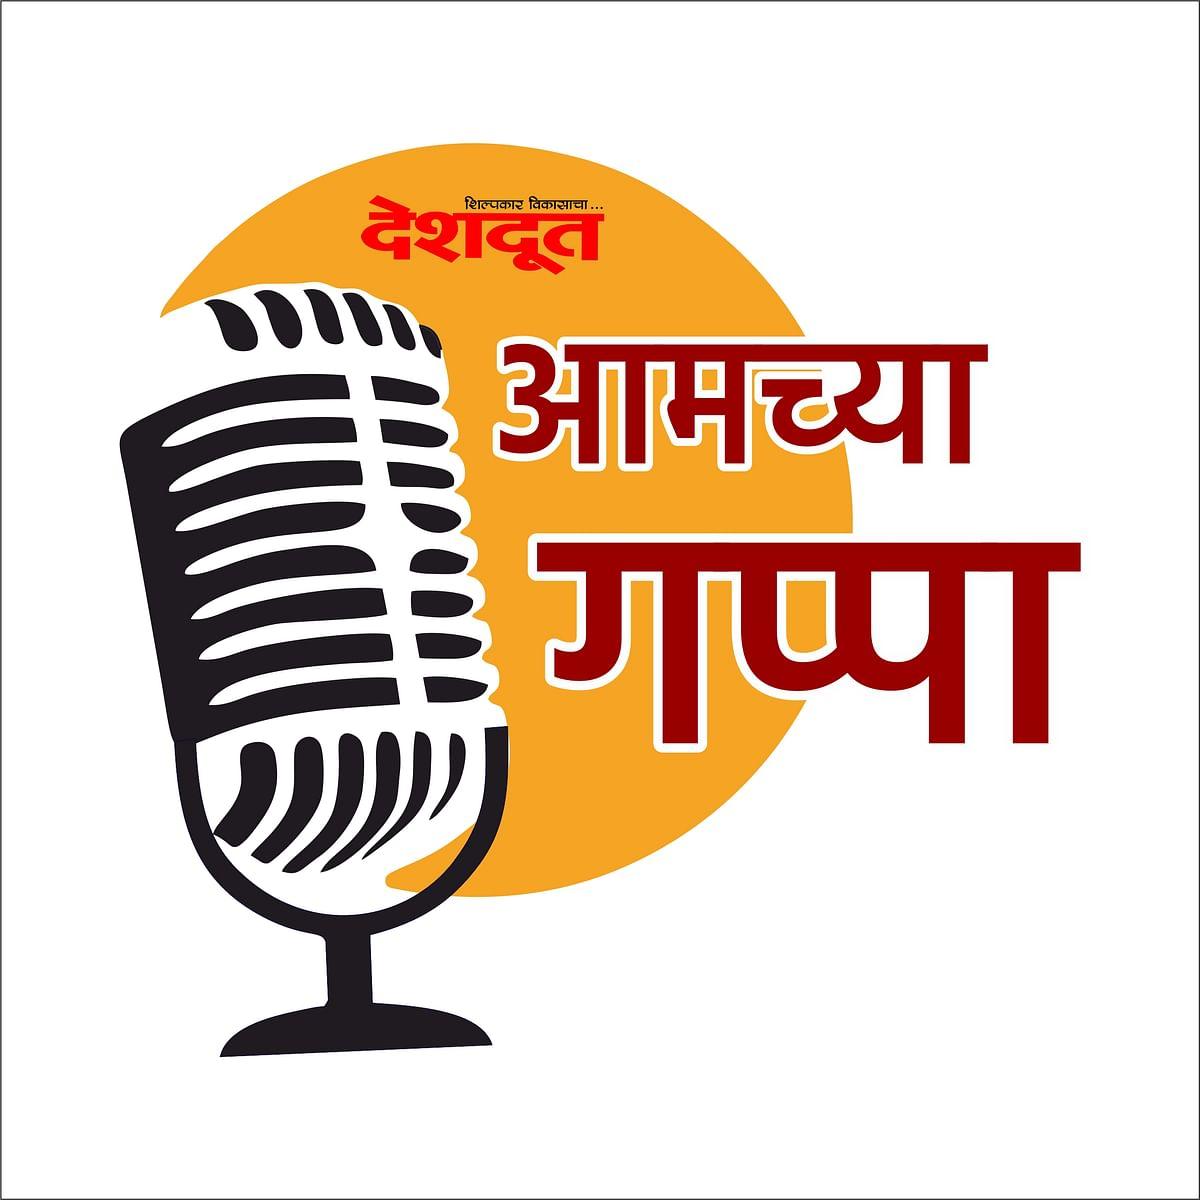 आमच्या गप्पा : जागतिक रेडिओ दिन विशेष दि.१३ फेब्रुवारी २०२१